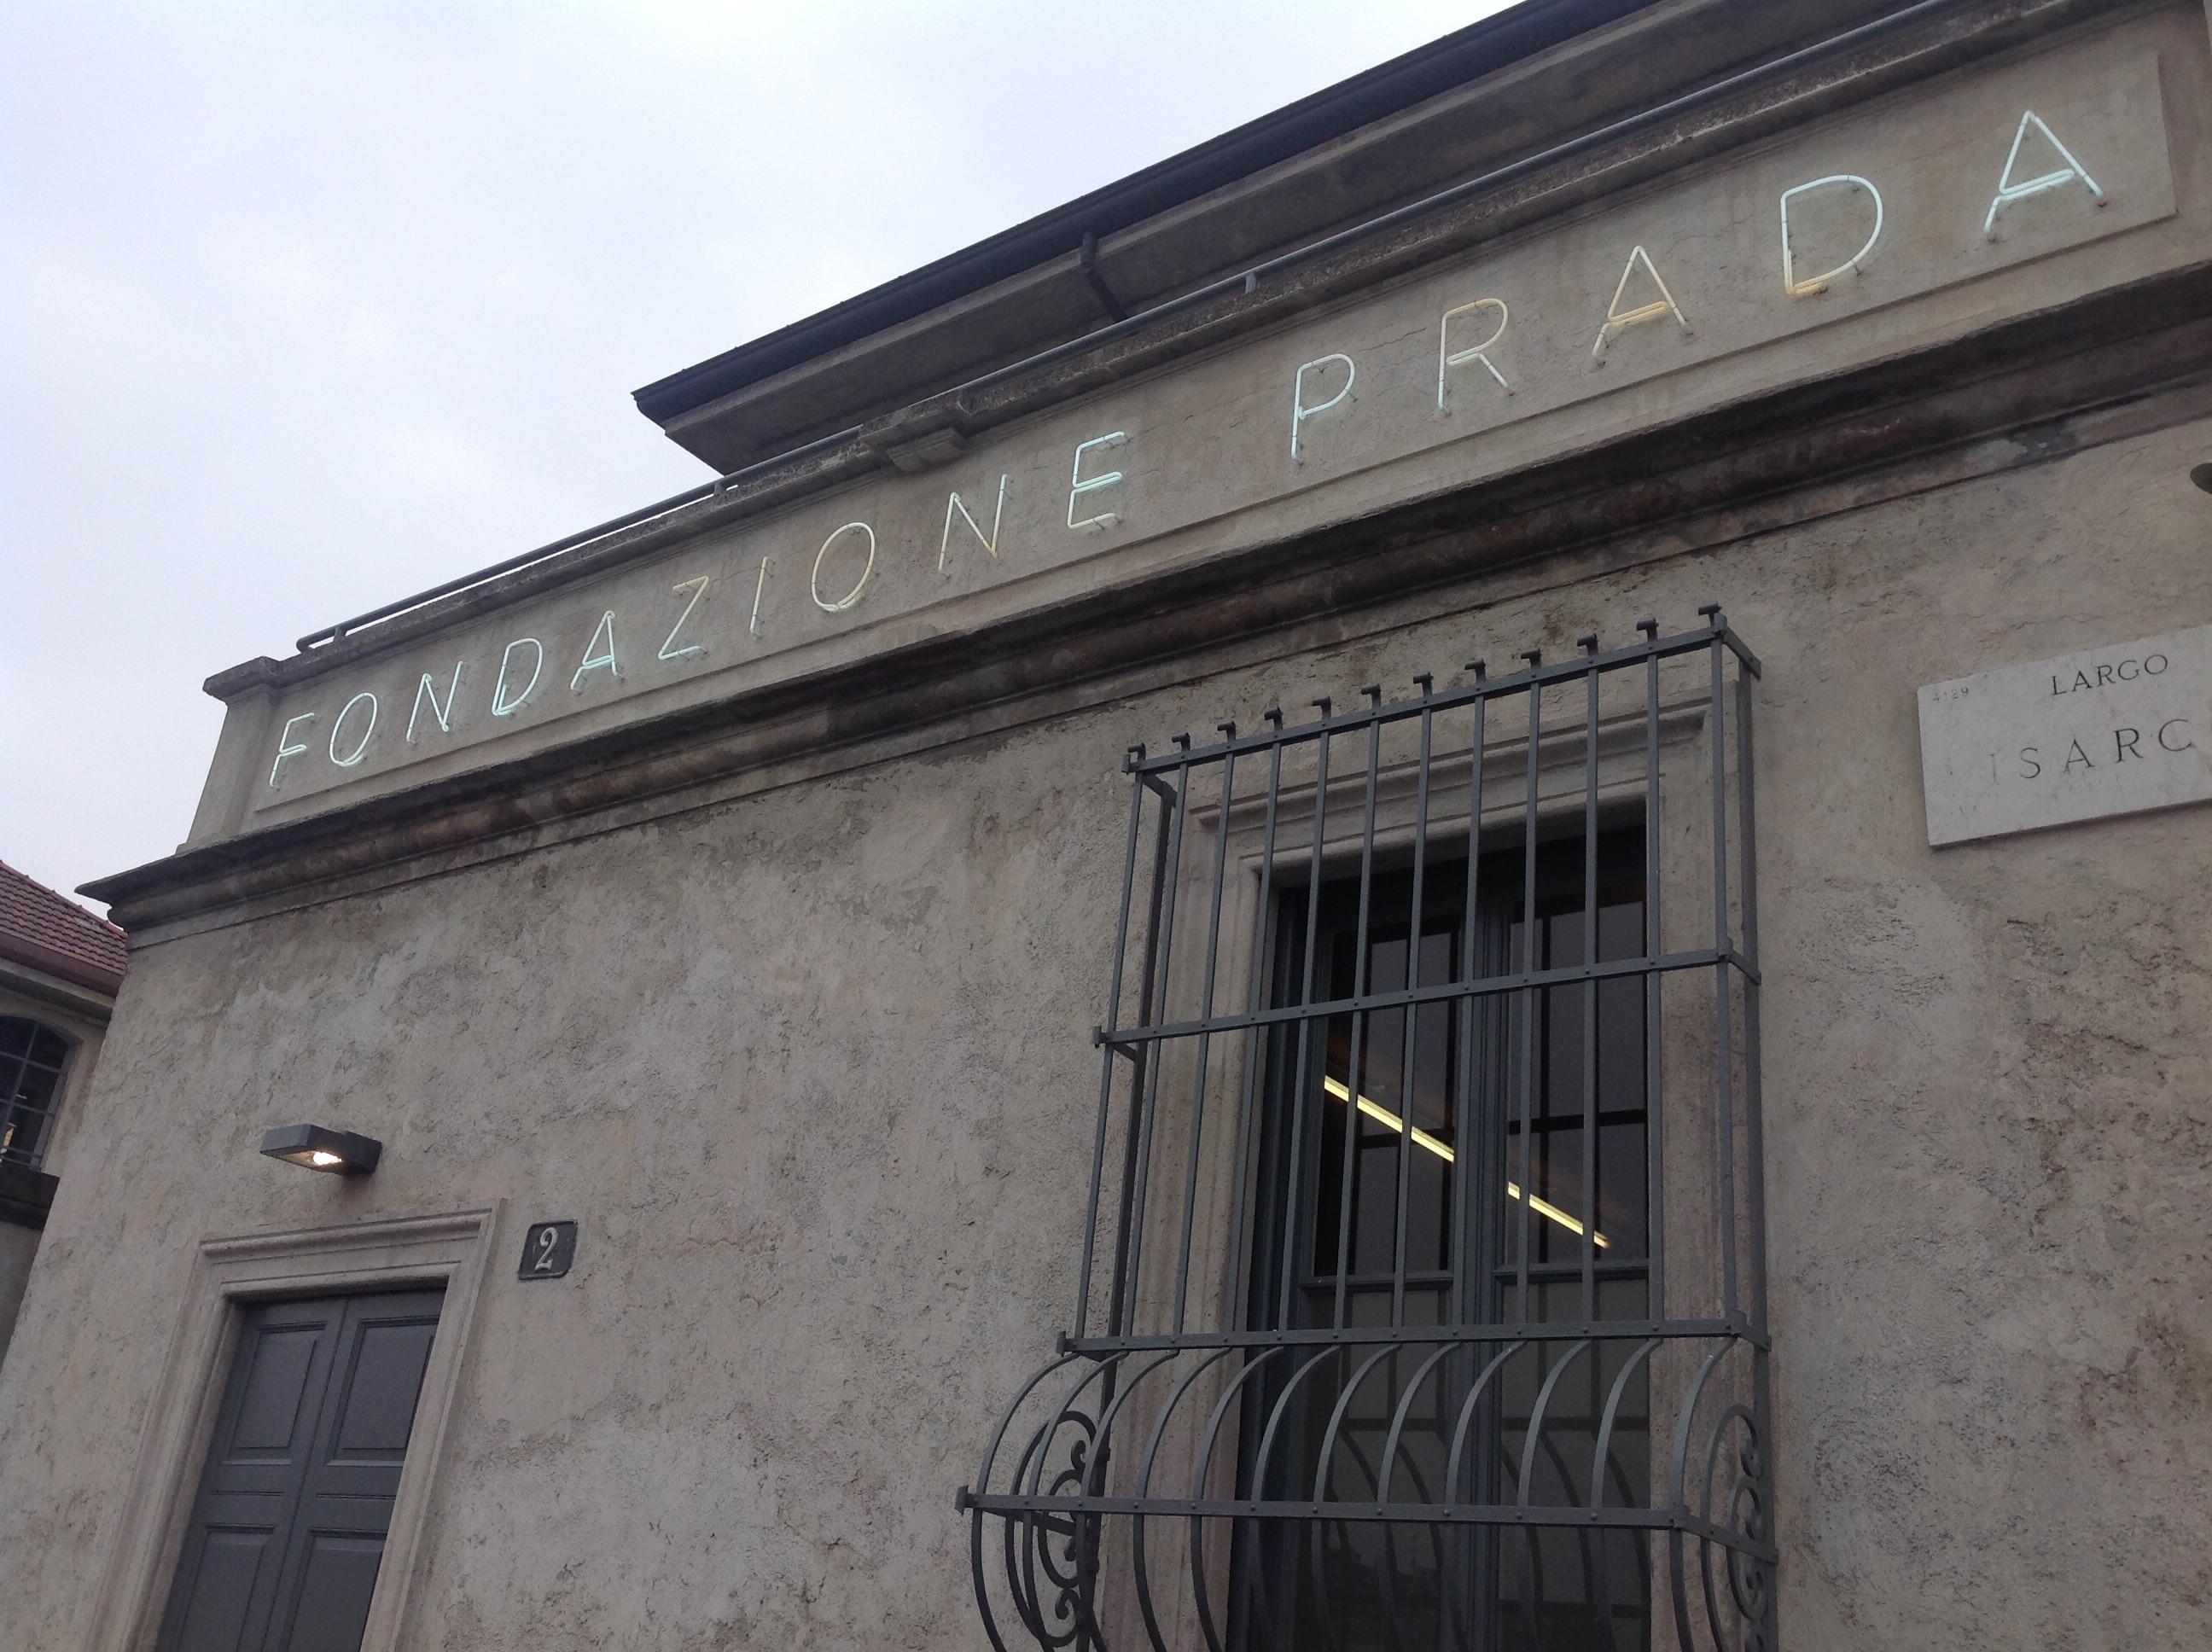 The new Fondazione Prada facility in Milan